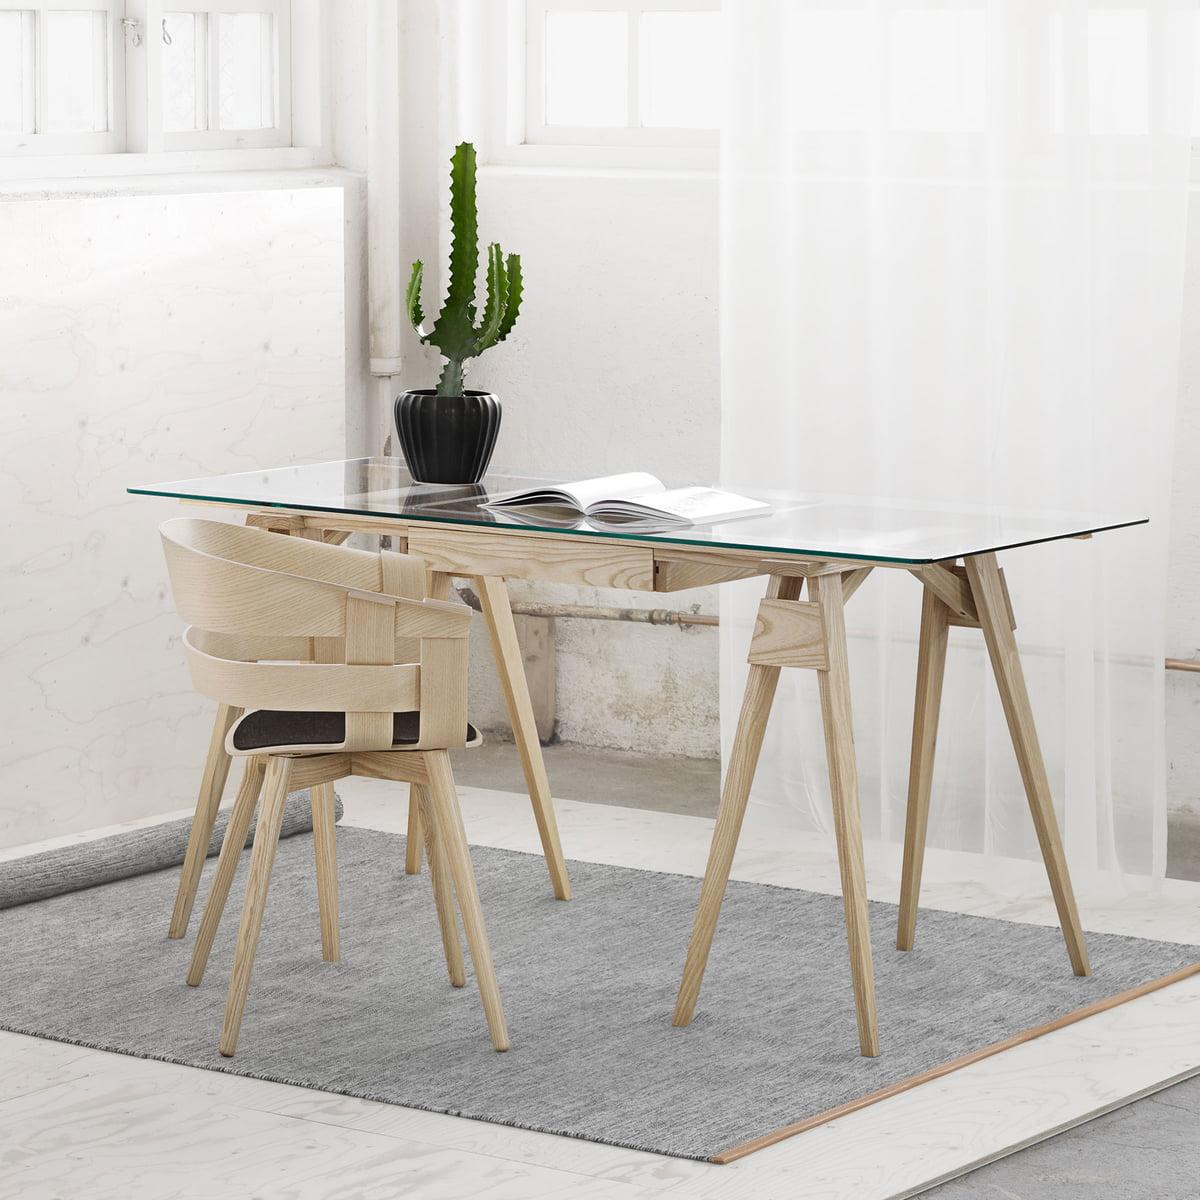 arco deskdesign house stockholm